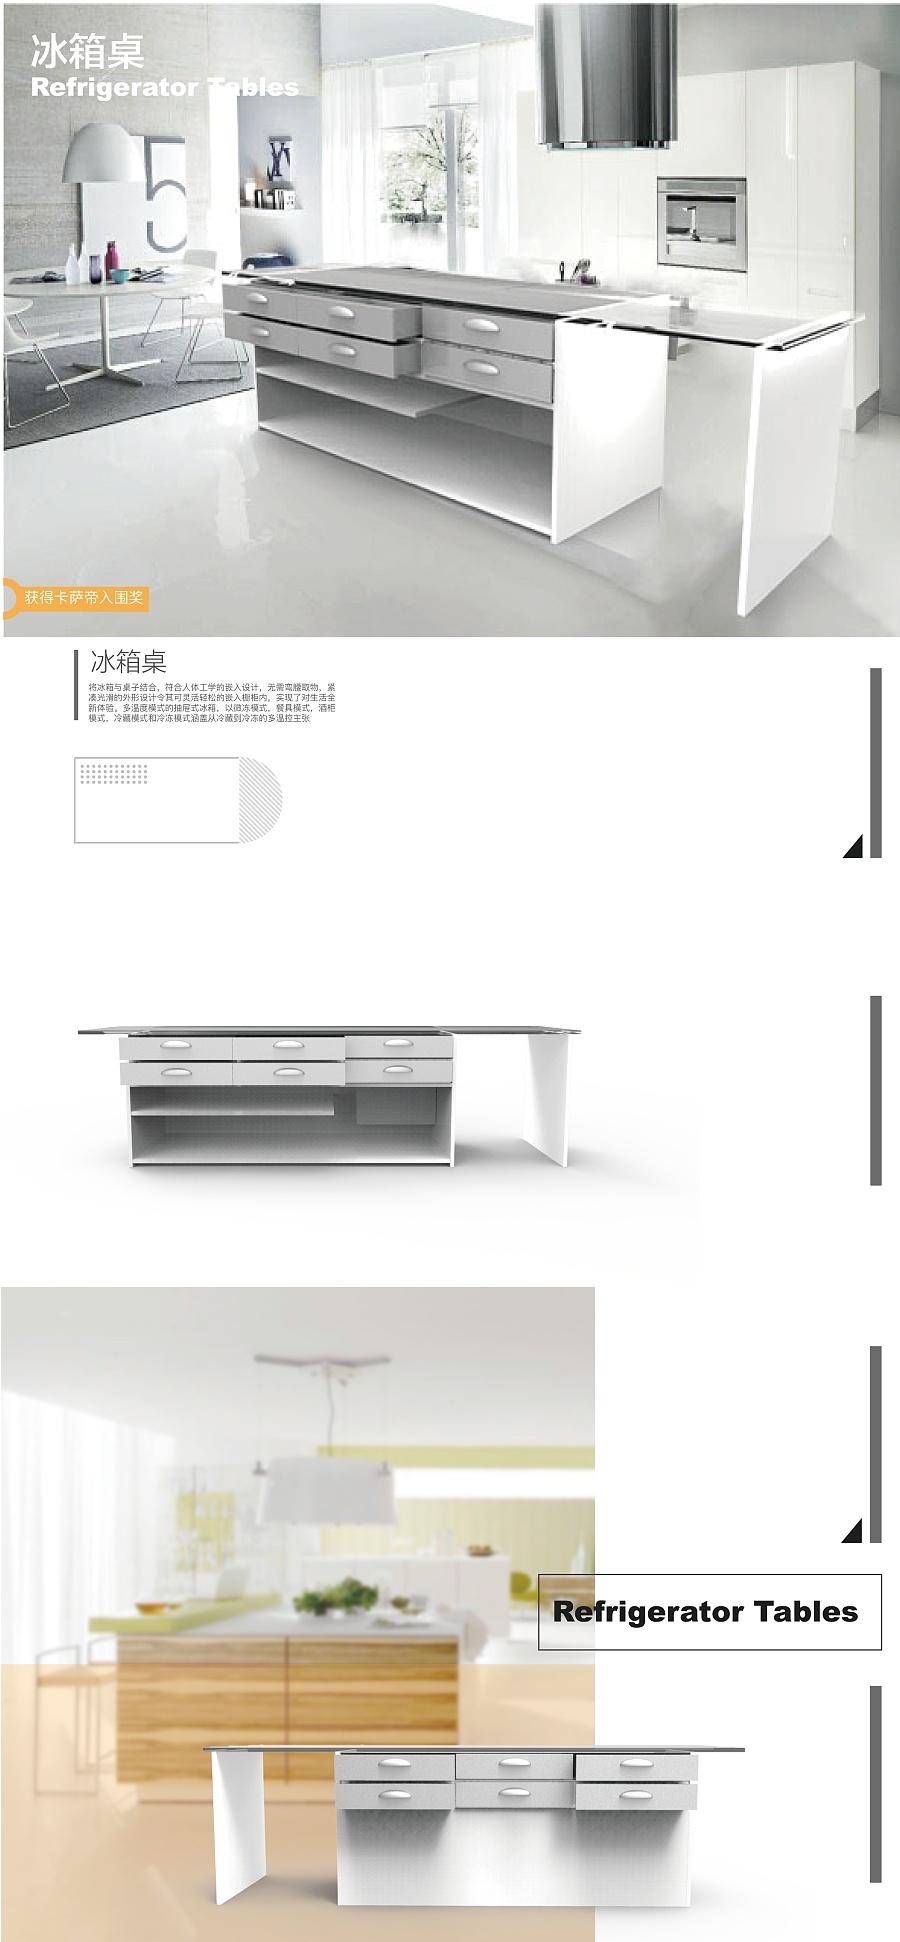 多温度模式的抽屉式冰箱,以微冻模式,餐具模式,酒柜模式,冷藏模式和图片